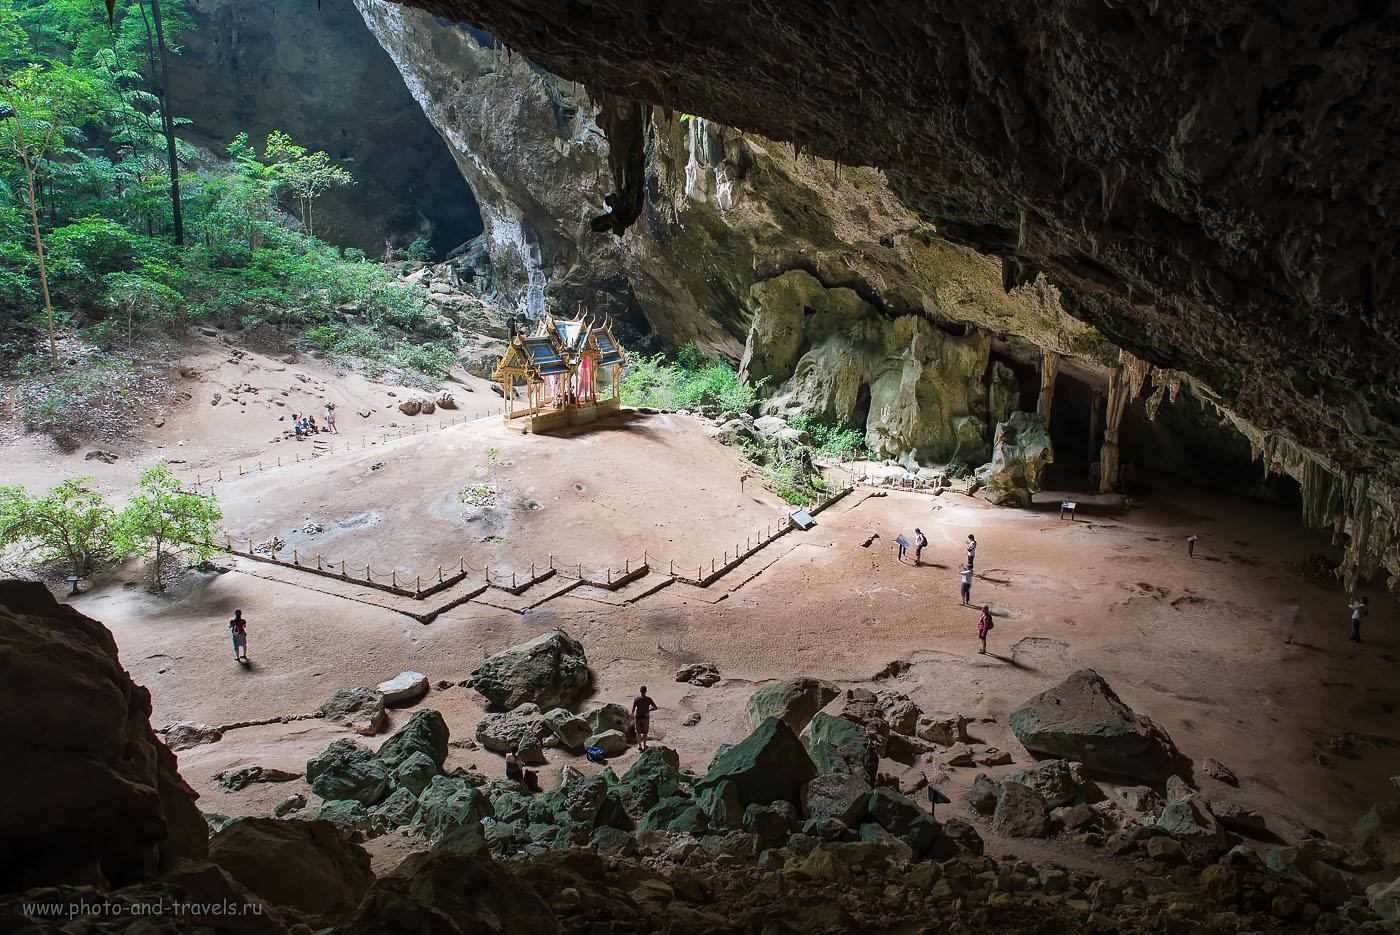 Фото 13. Пещера Прайя Након (Phraya Nakhon Cave) в окрестностях Хуахина в Таиланде. Если нам удается сделать фокусное расстояние больше, тогда лучше передается масштабность больших объектов. (100, 26, 8.0, 1.0 сек.)